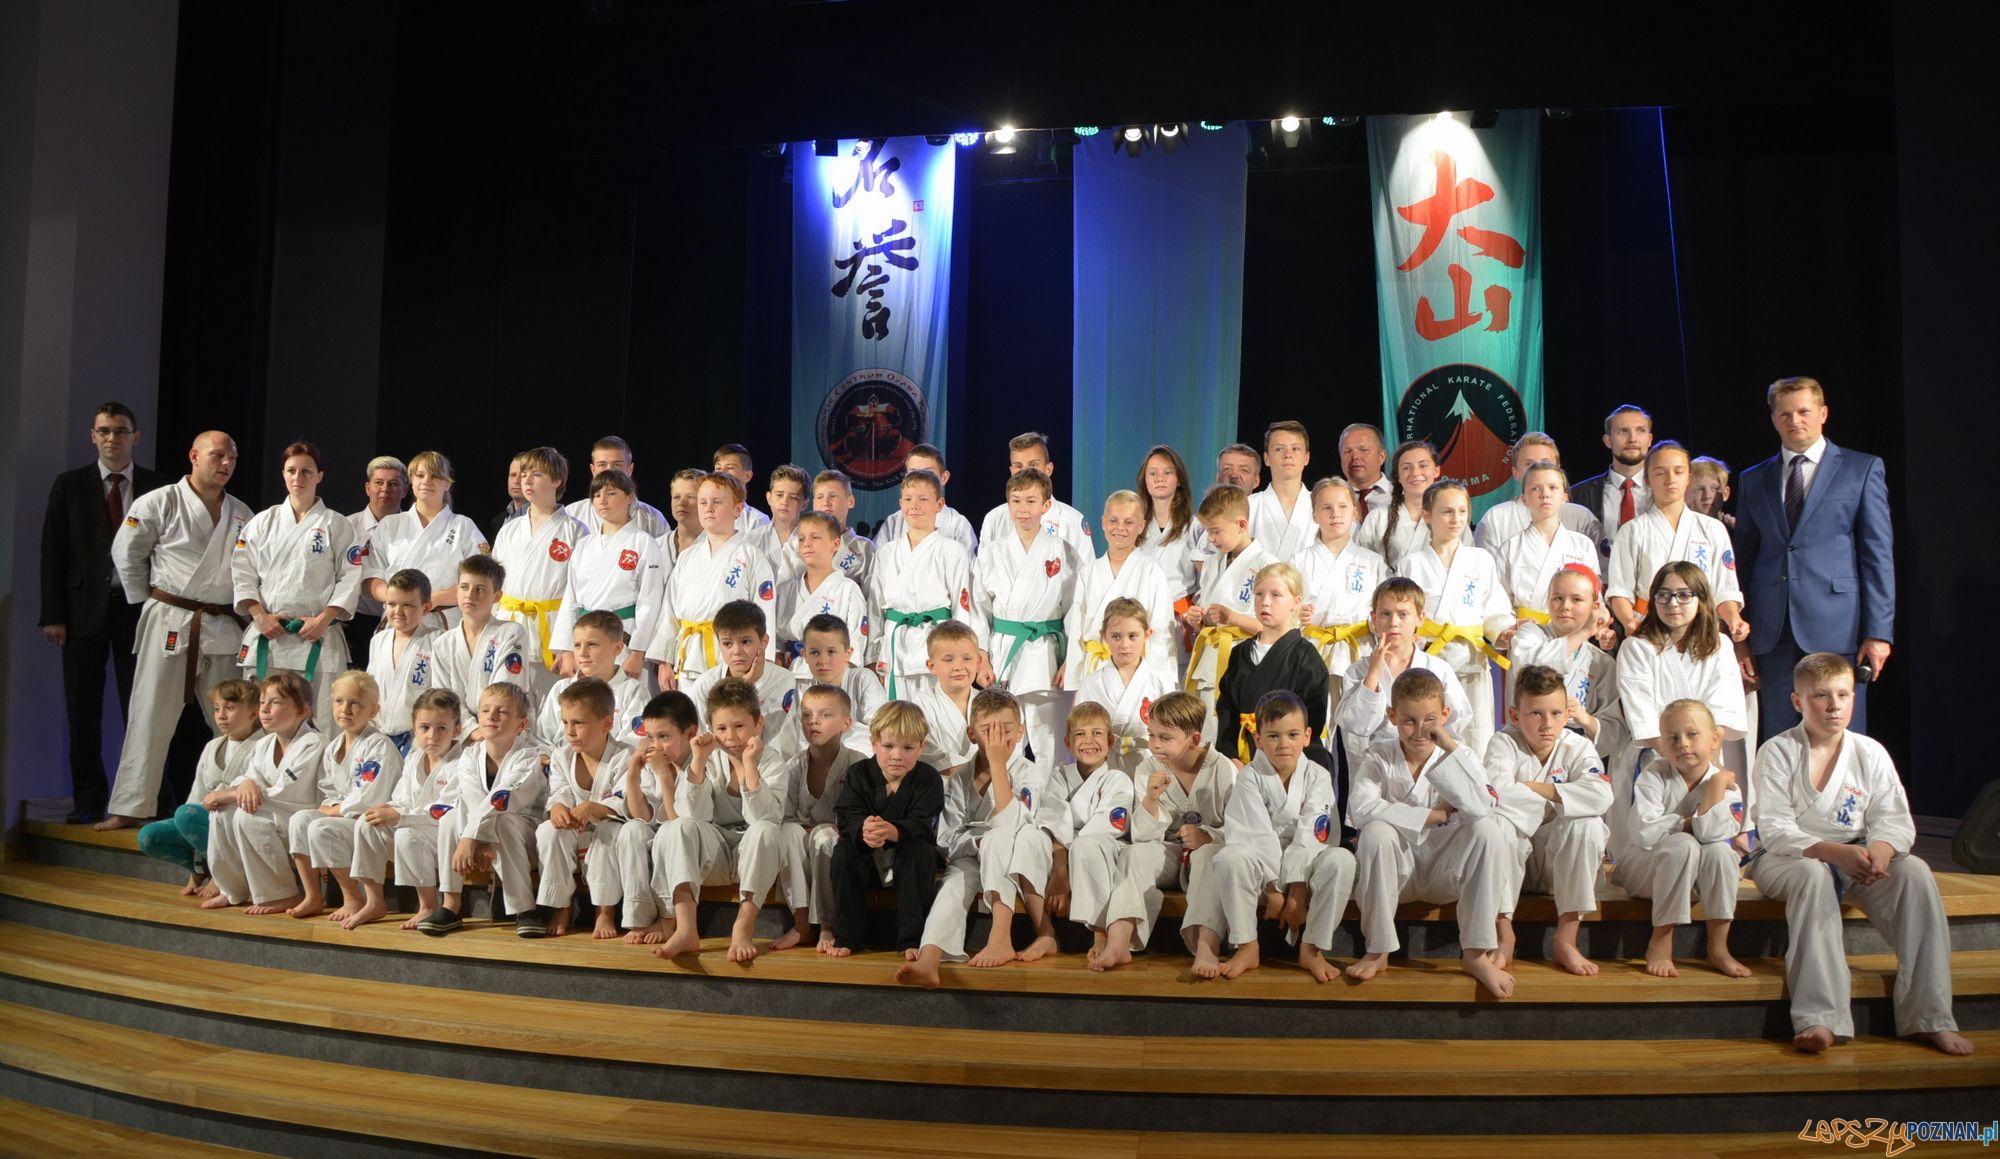 VIII Polsko-Niemieckich Mistrzostwach Karate w Kata i Kobudo  Foto: wssw.poznan.pl